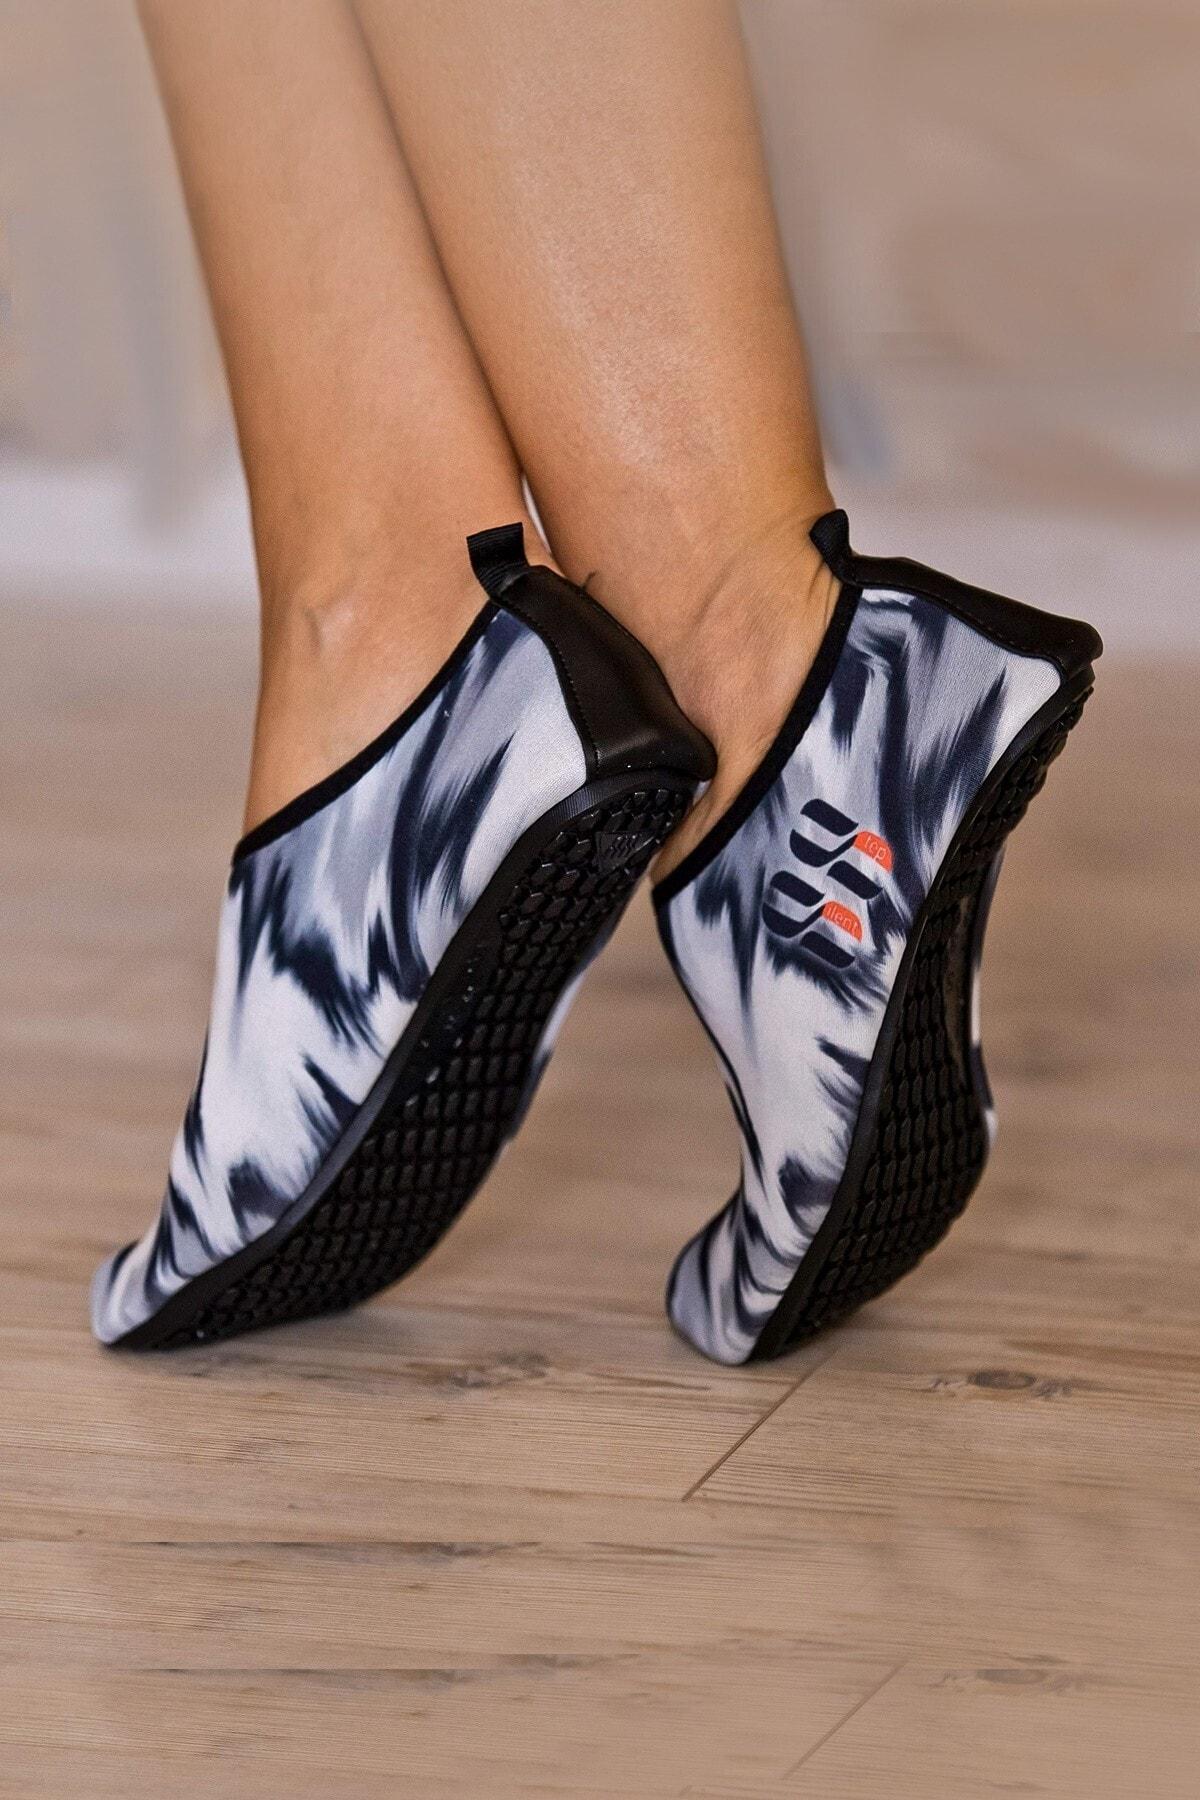 Sporting Siyah Beyaz Plaj/deniz Ayakkabısı